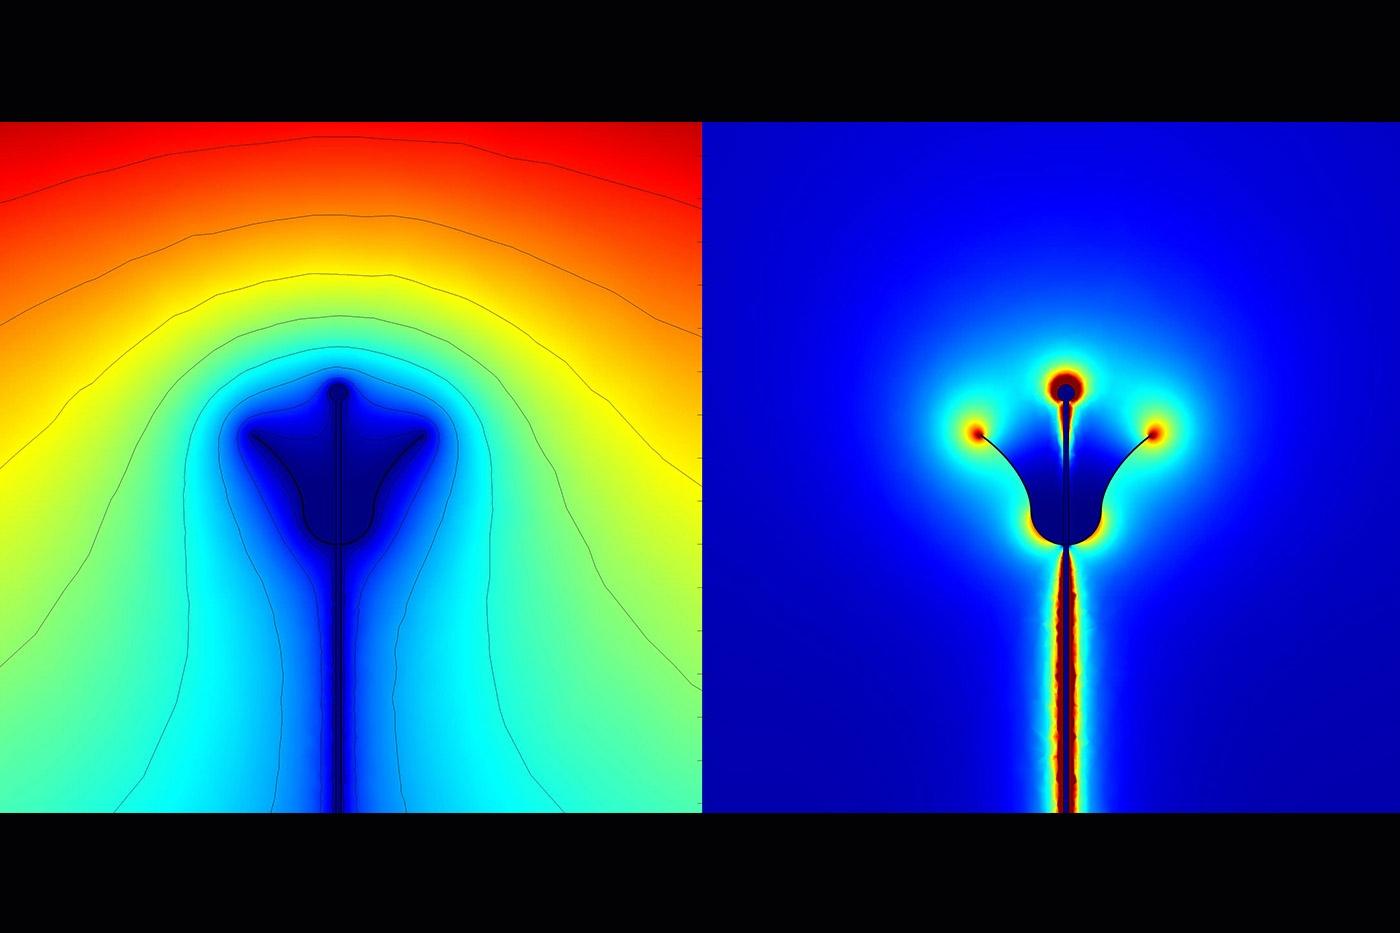 слабые электрические поля идеализированный цветок